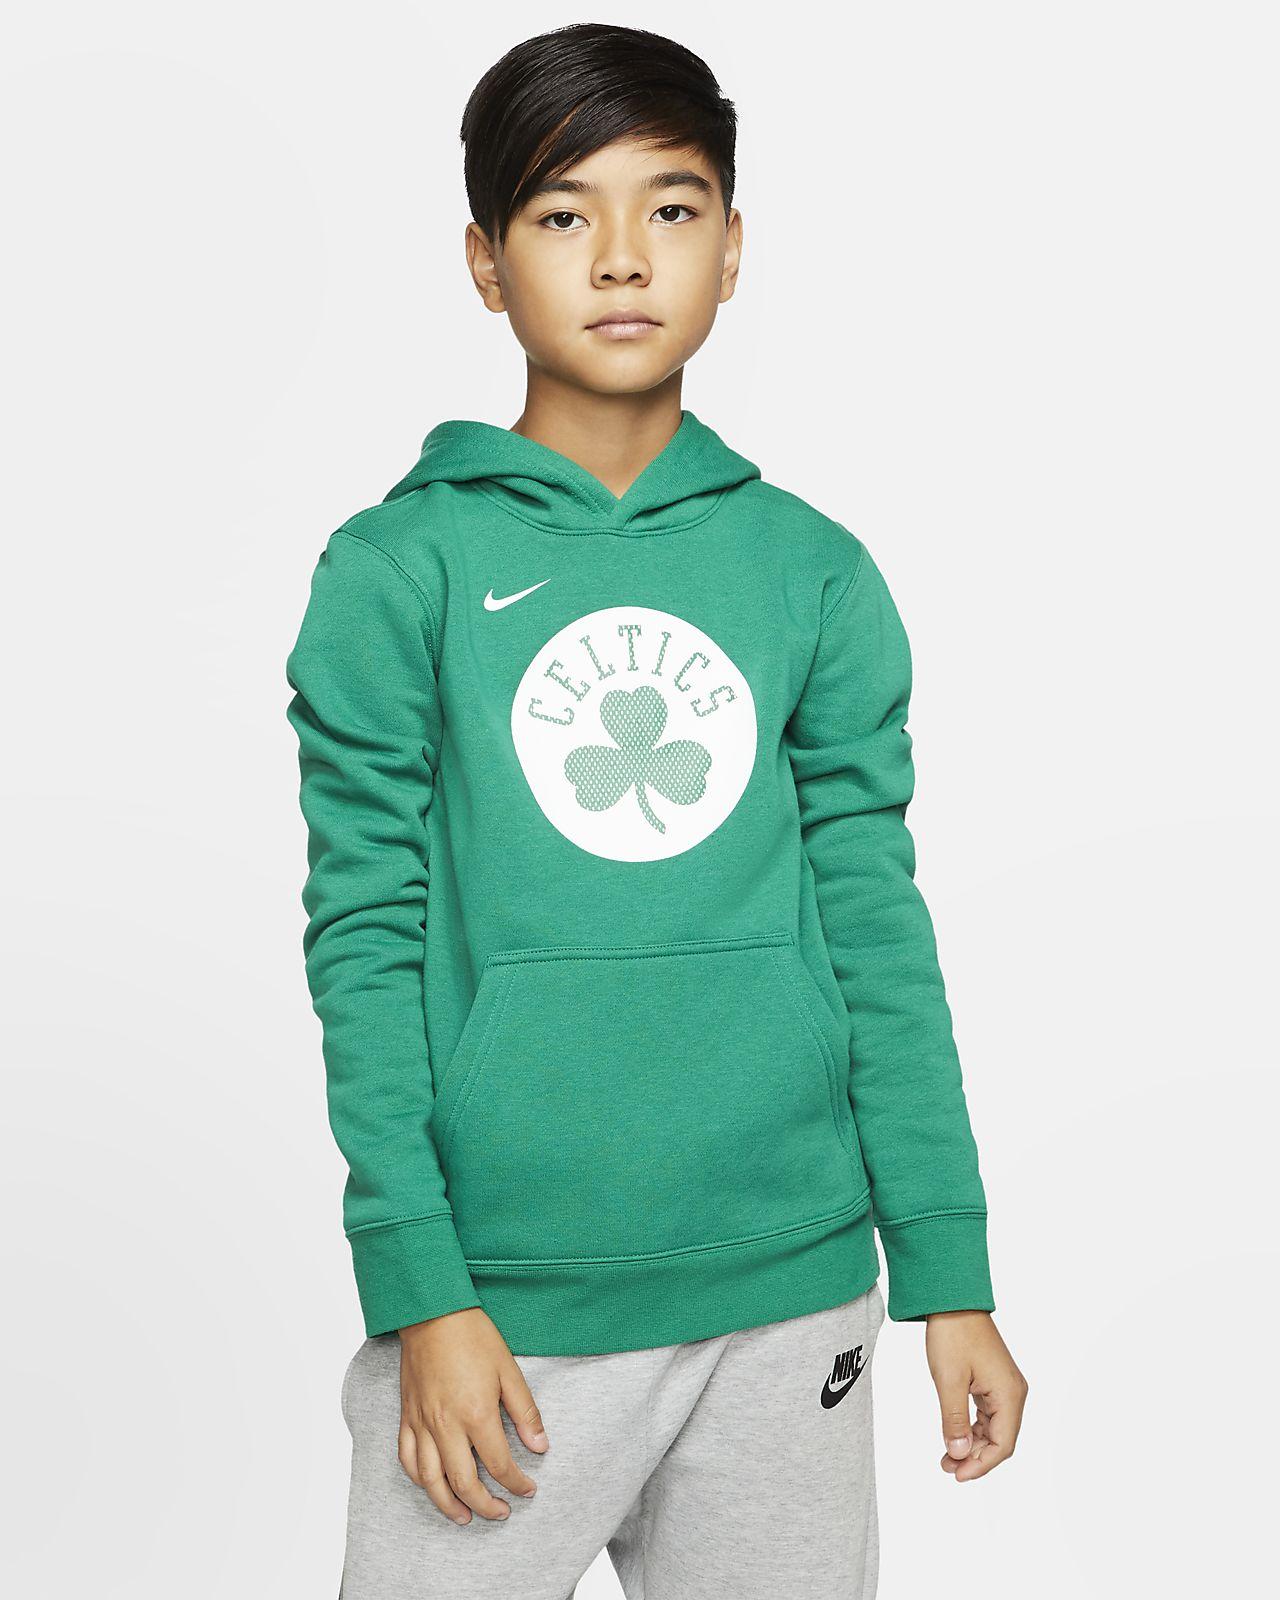 波士顿凯尔特人队 Logo Nike NBA 幼童套头连帽衫